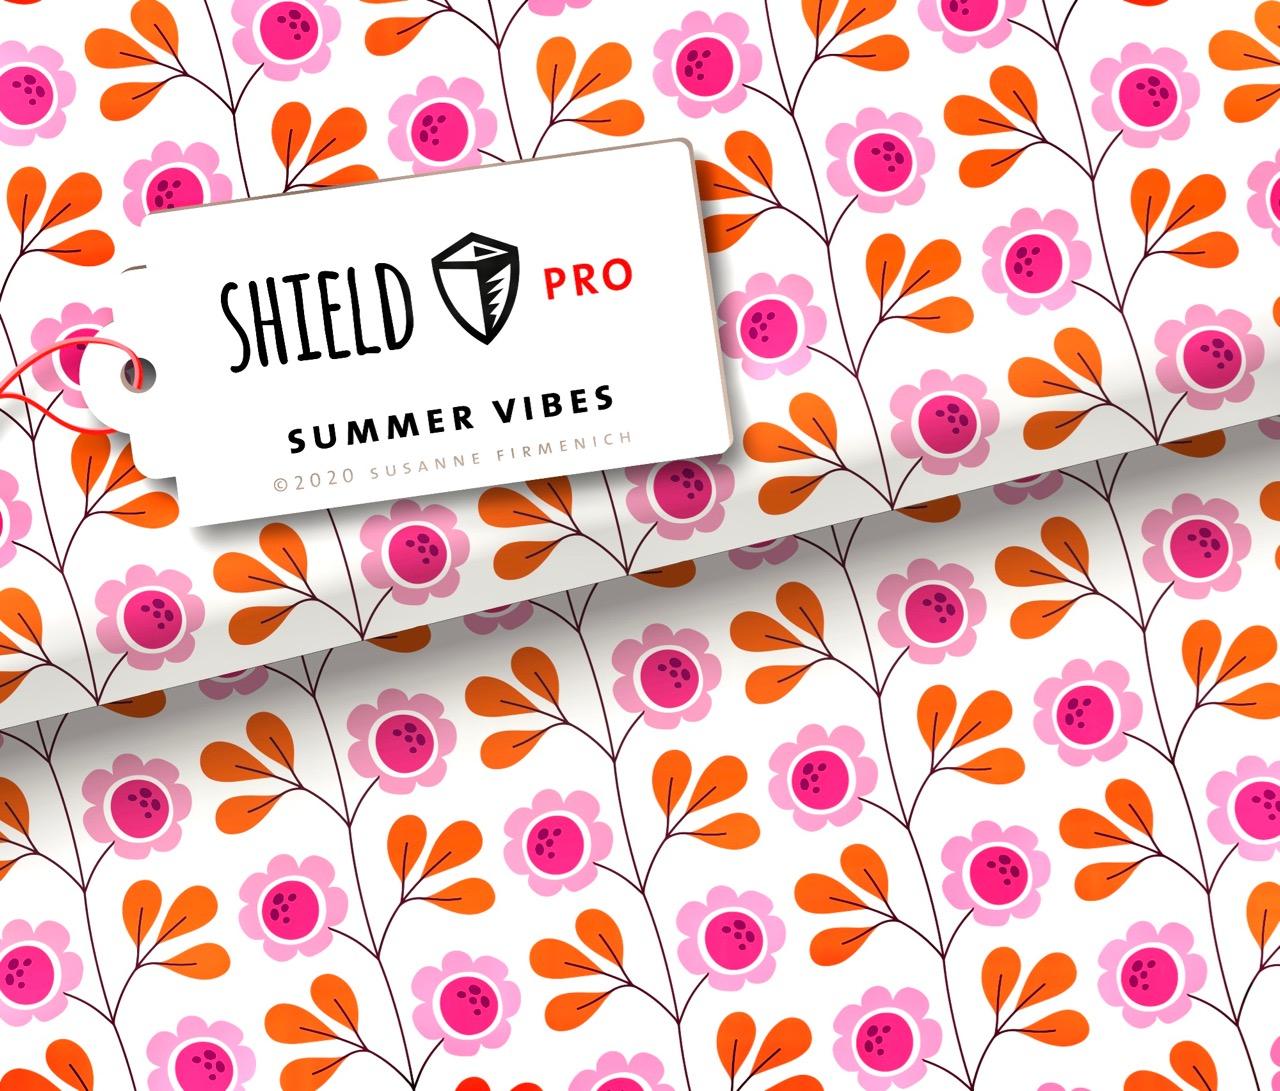 Shield Pro - Summer Vibes Weiß von Hamburger Liebe & Albstoffe - antimikrobiell für Atem-und Mundmasken!